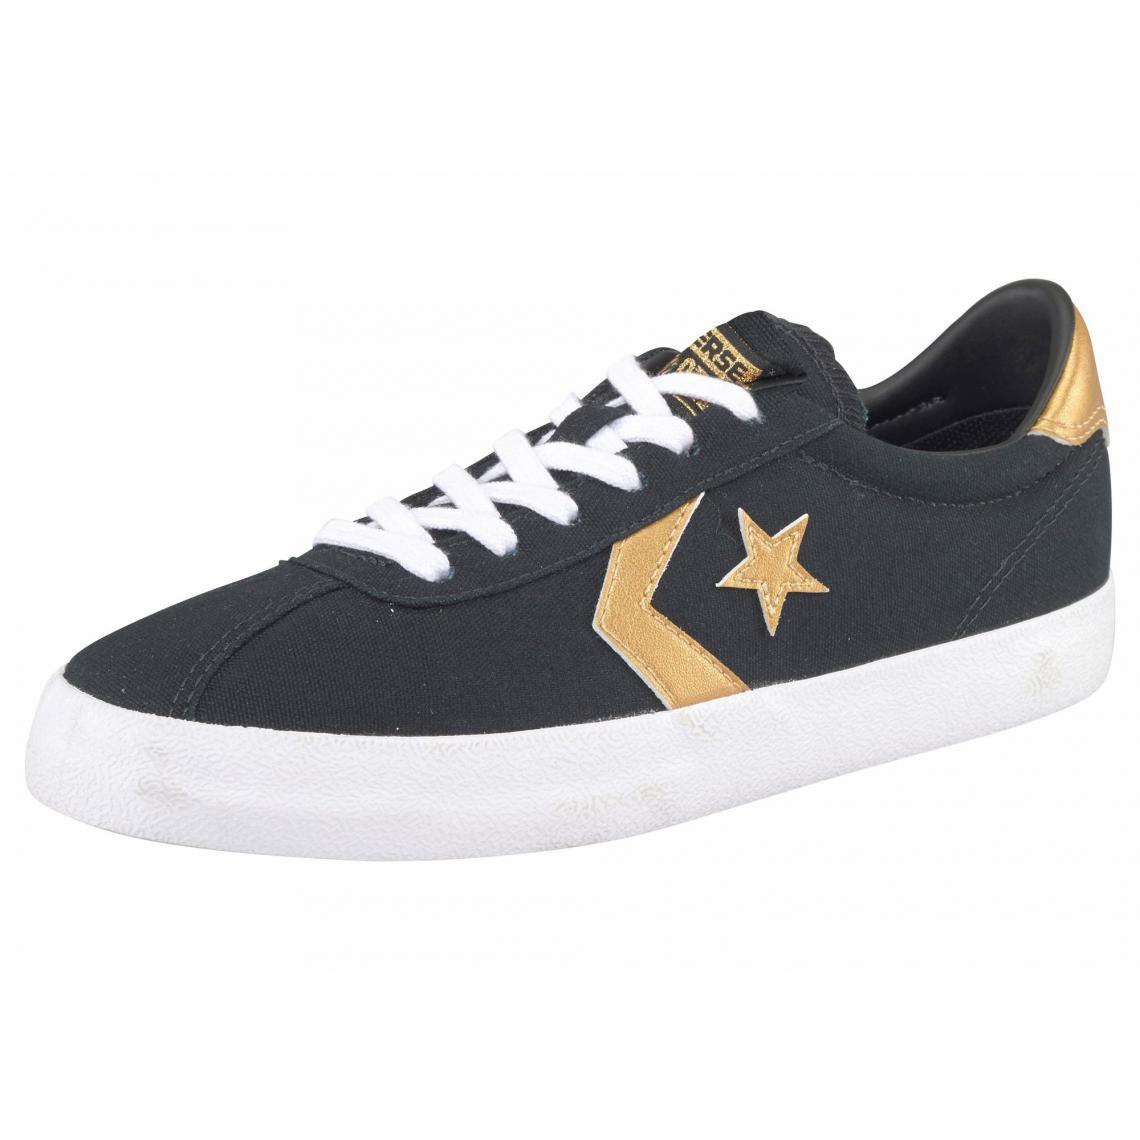 4c85258383a92 Converse Breakpoint Ox sneakers basses en toile femme - Noir - Doré Converse  Femme